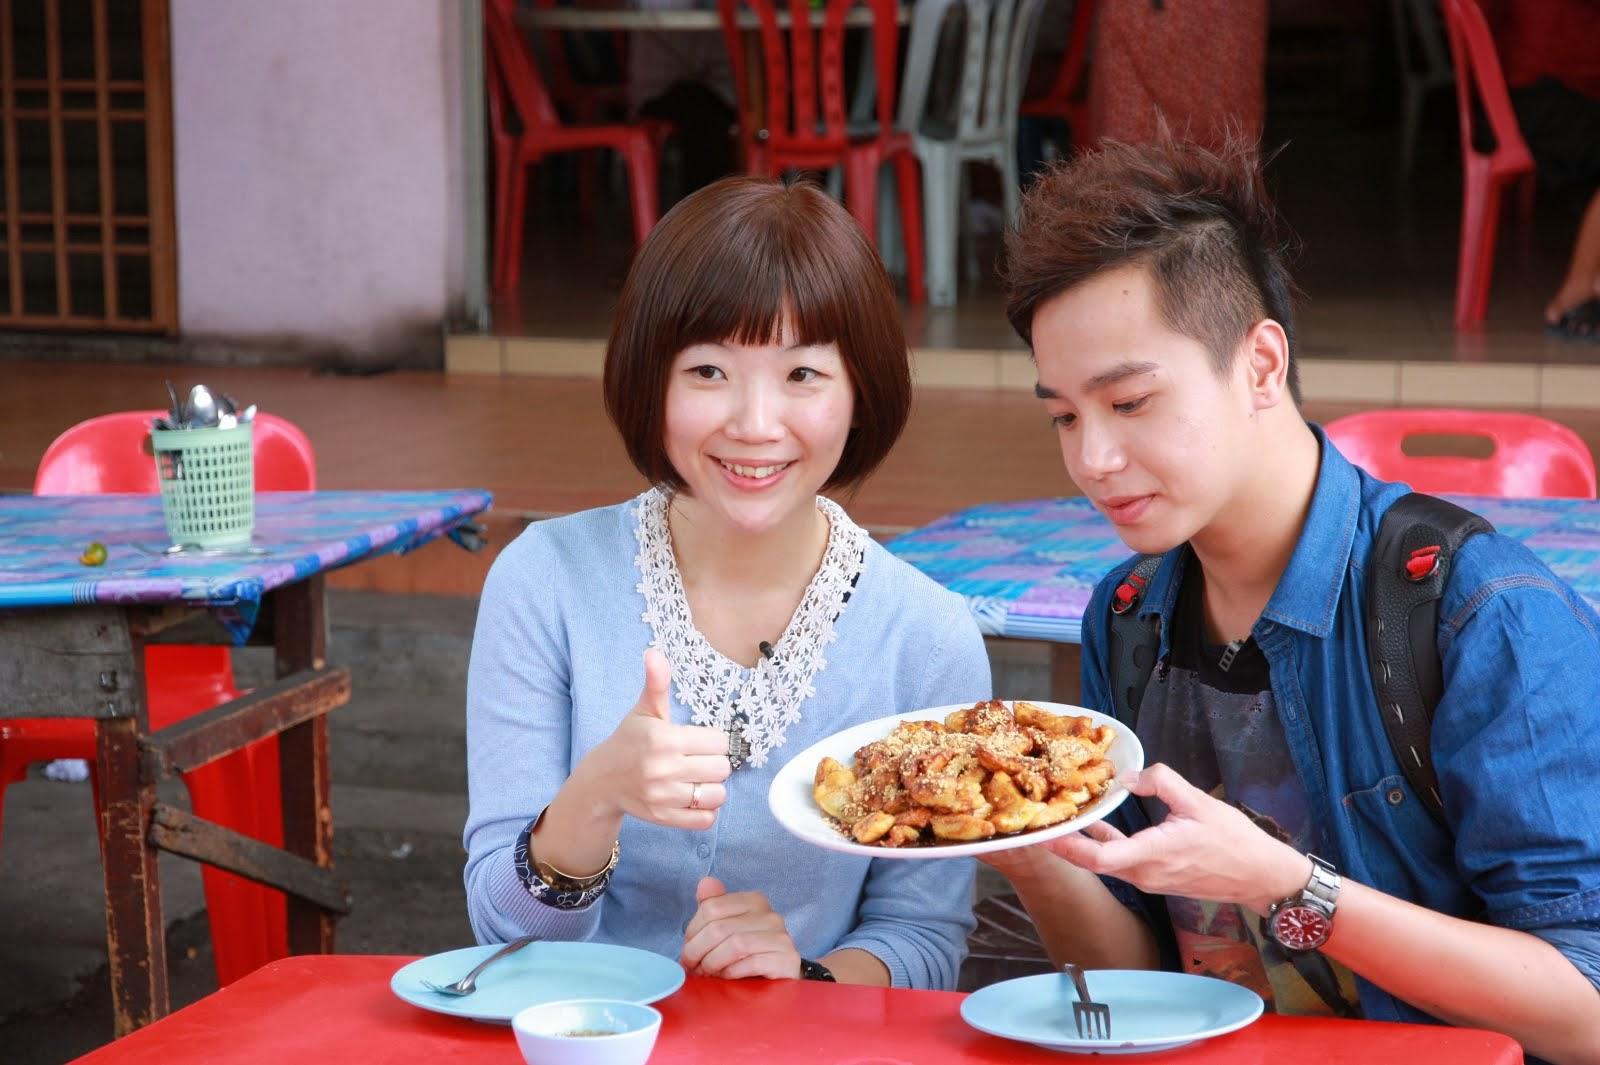 《静如生活馆》 on NTV7《Foodie Blogger爱食客》美食节目